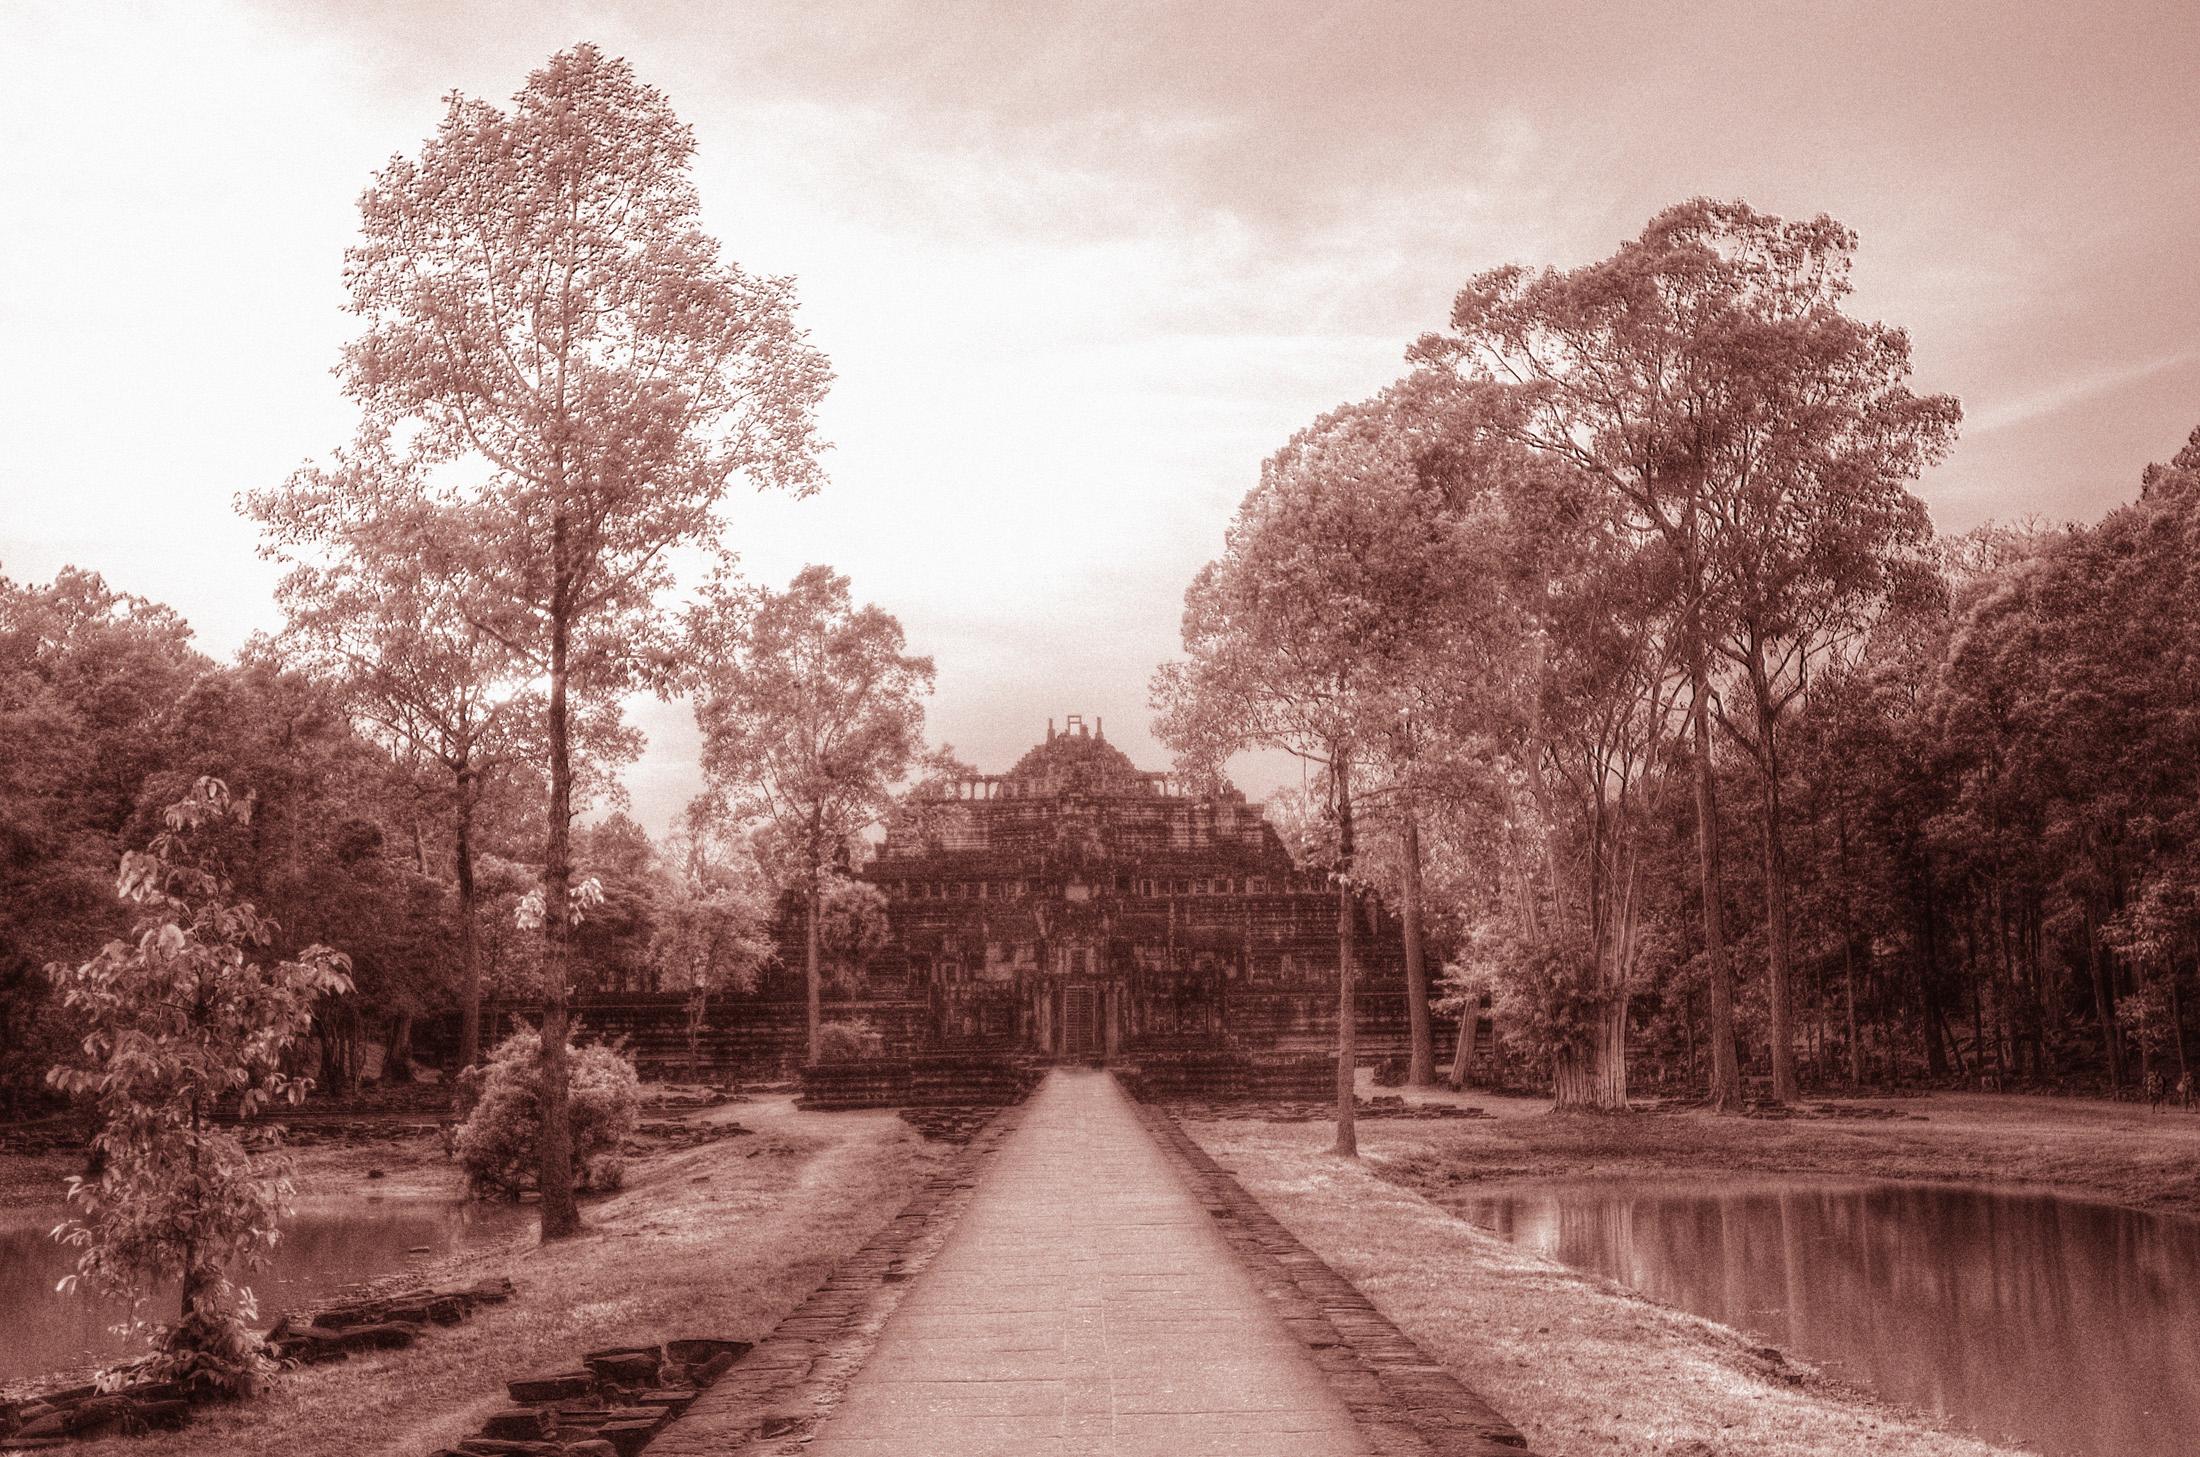 The ancient Angkorian King's promenade